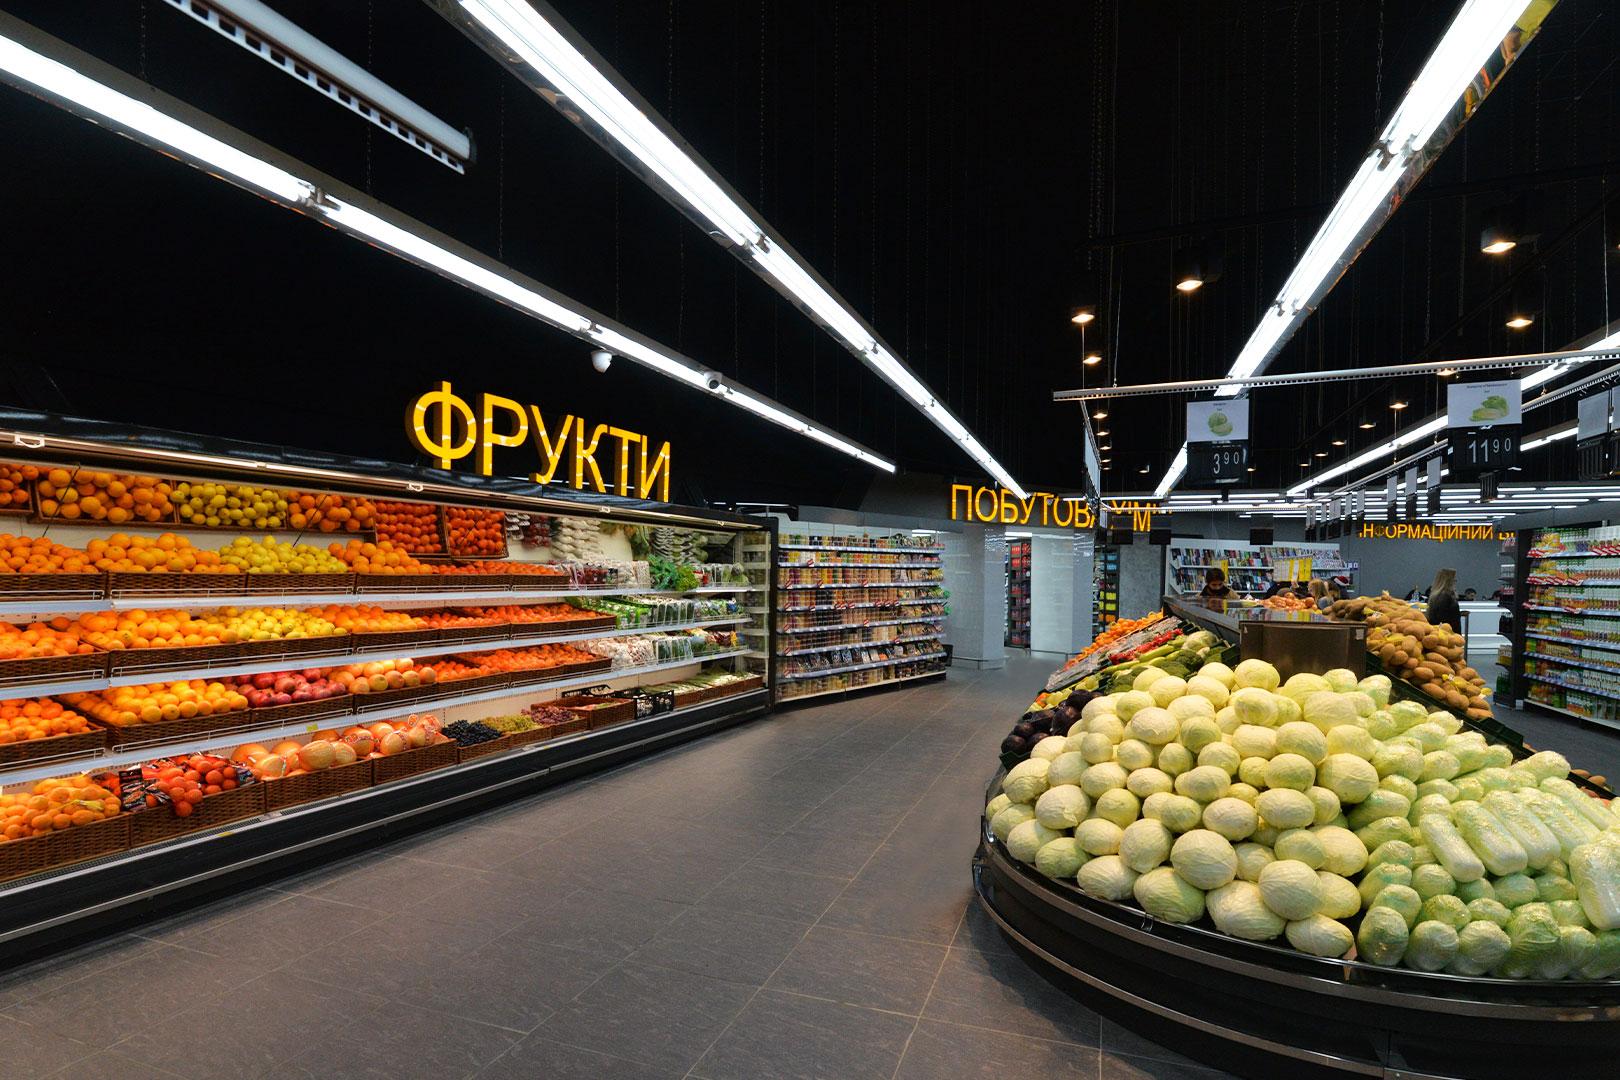 """Спеціалізовані вітрини для продажу овочів та фруктів Indiana MV 080 FV O 220-DLM, Indiana VF MC 130 VF self 140-DLM в супермаркете """"Рост"""""""